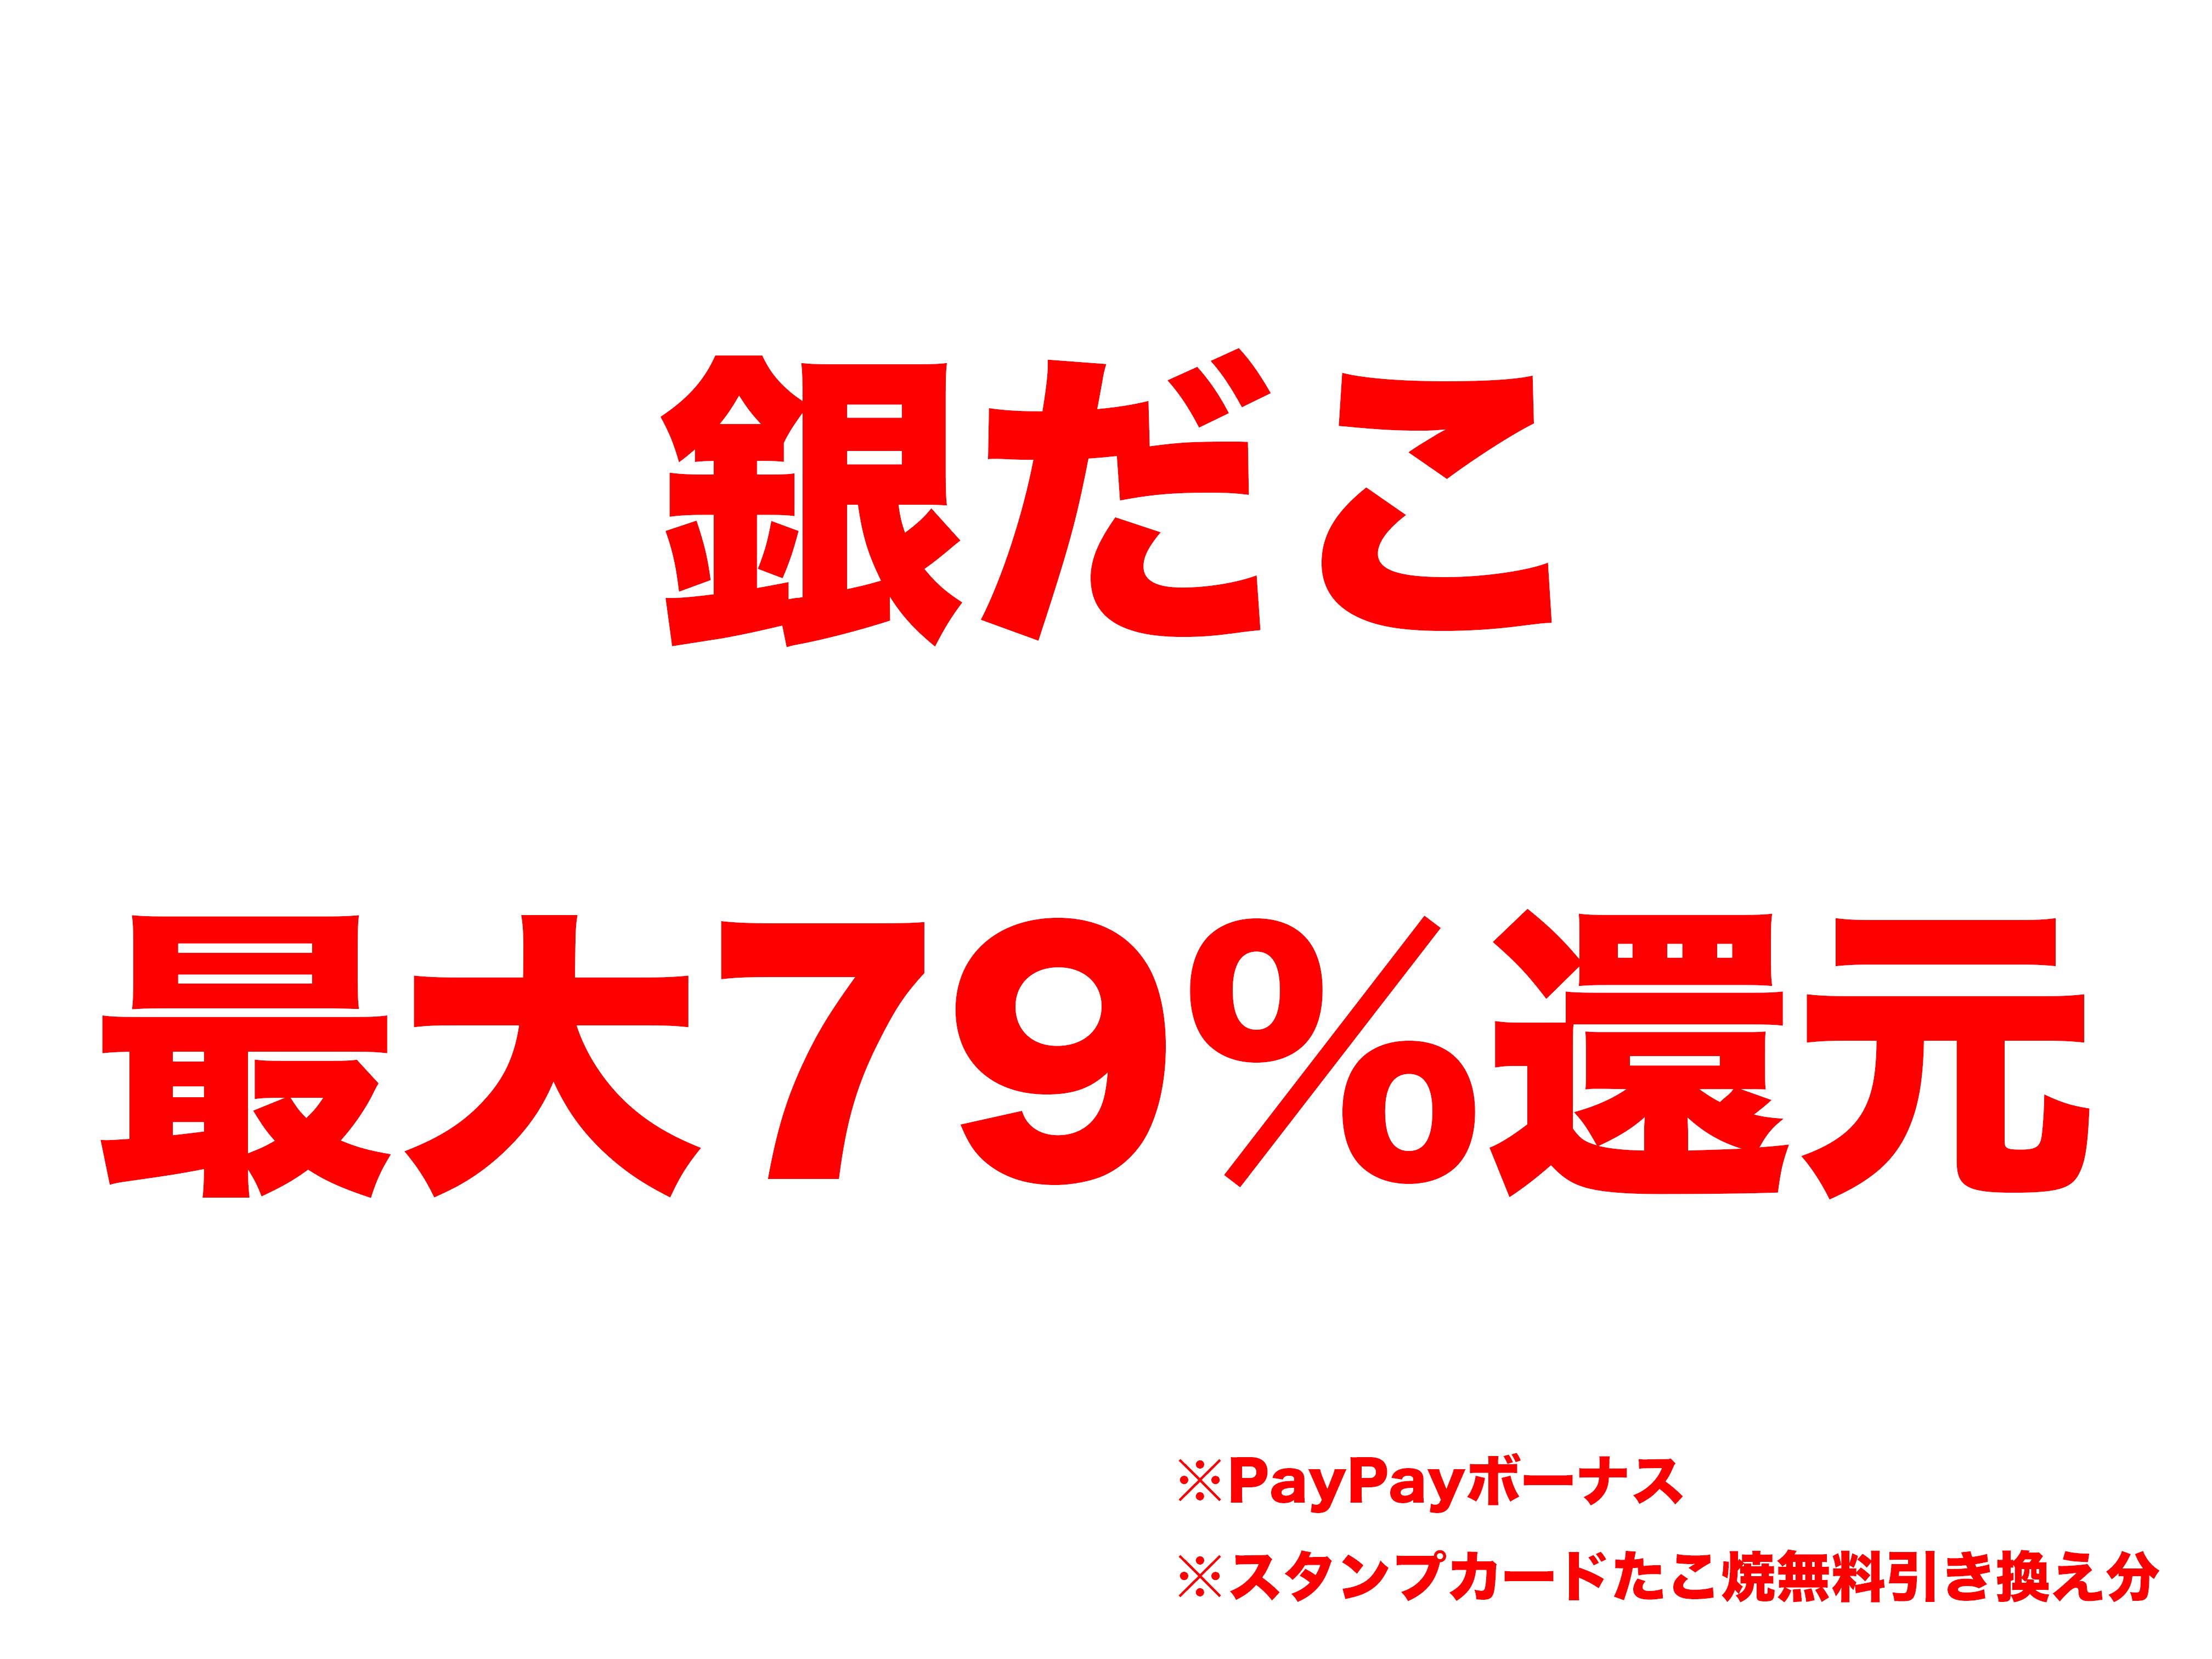 【朗報】銀だこ創業祭と超PayPay祭りが同時開催された結果 → 前人未到の『スーパー銀だこ祭』が爆誕!